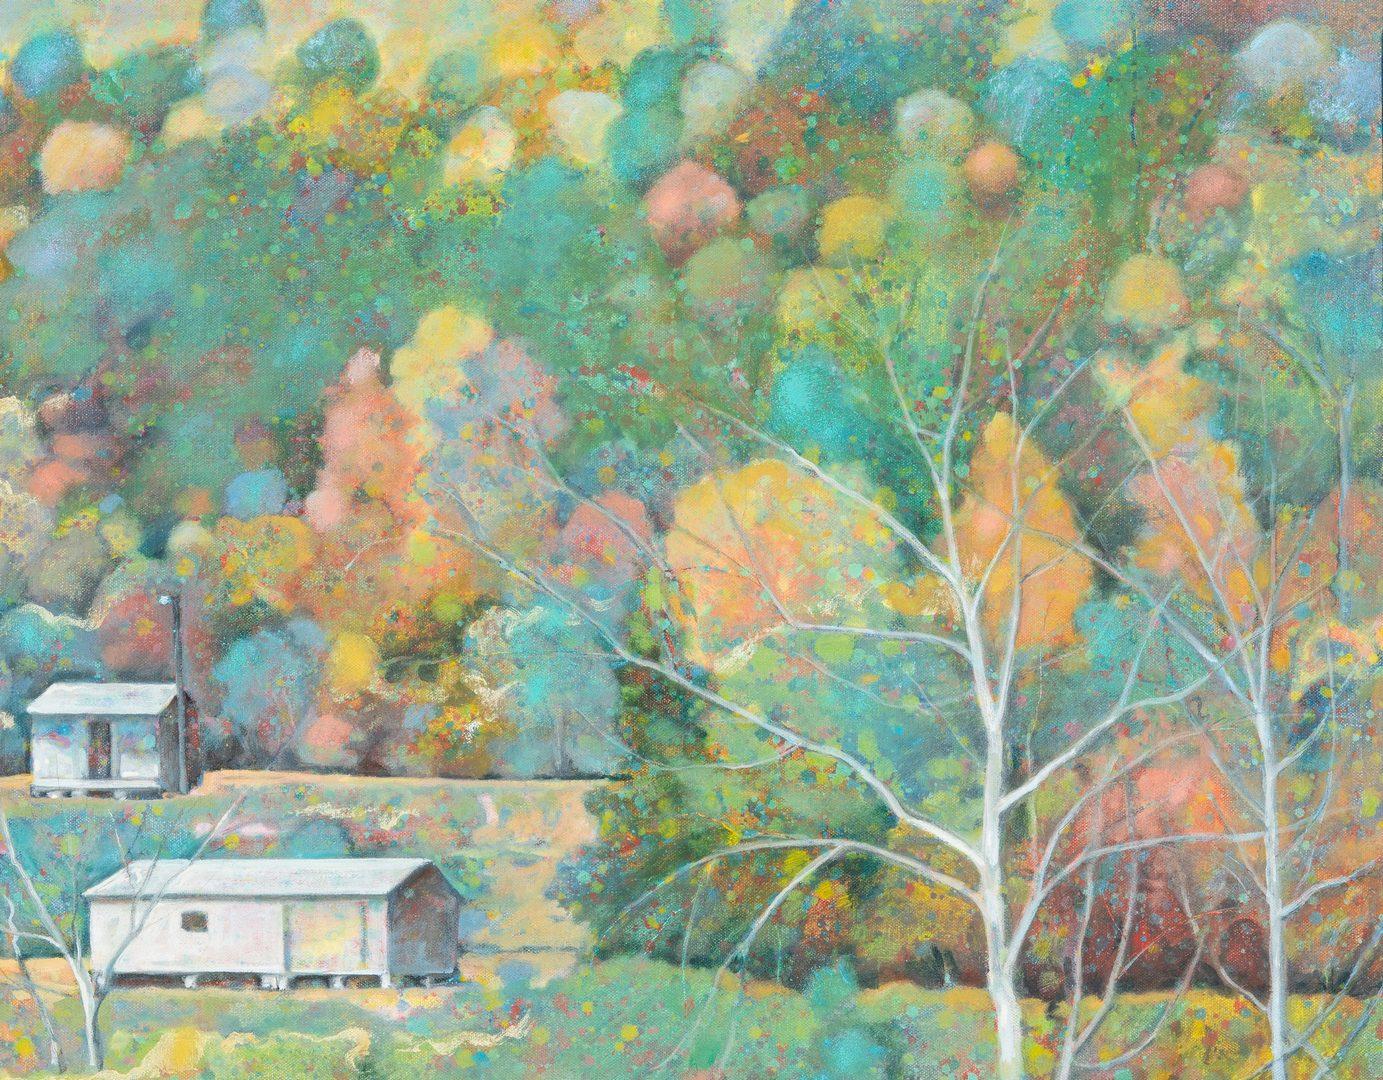 Lot 207: Edward Kellogg Oil Painting, River Houses